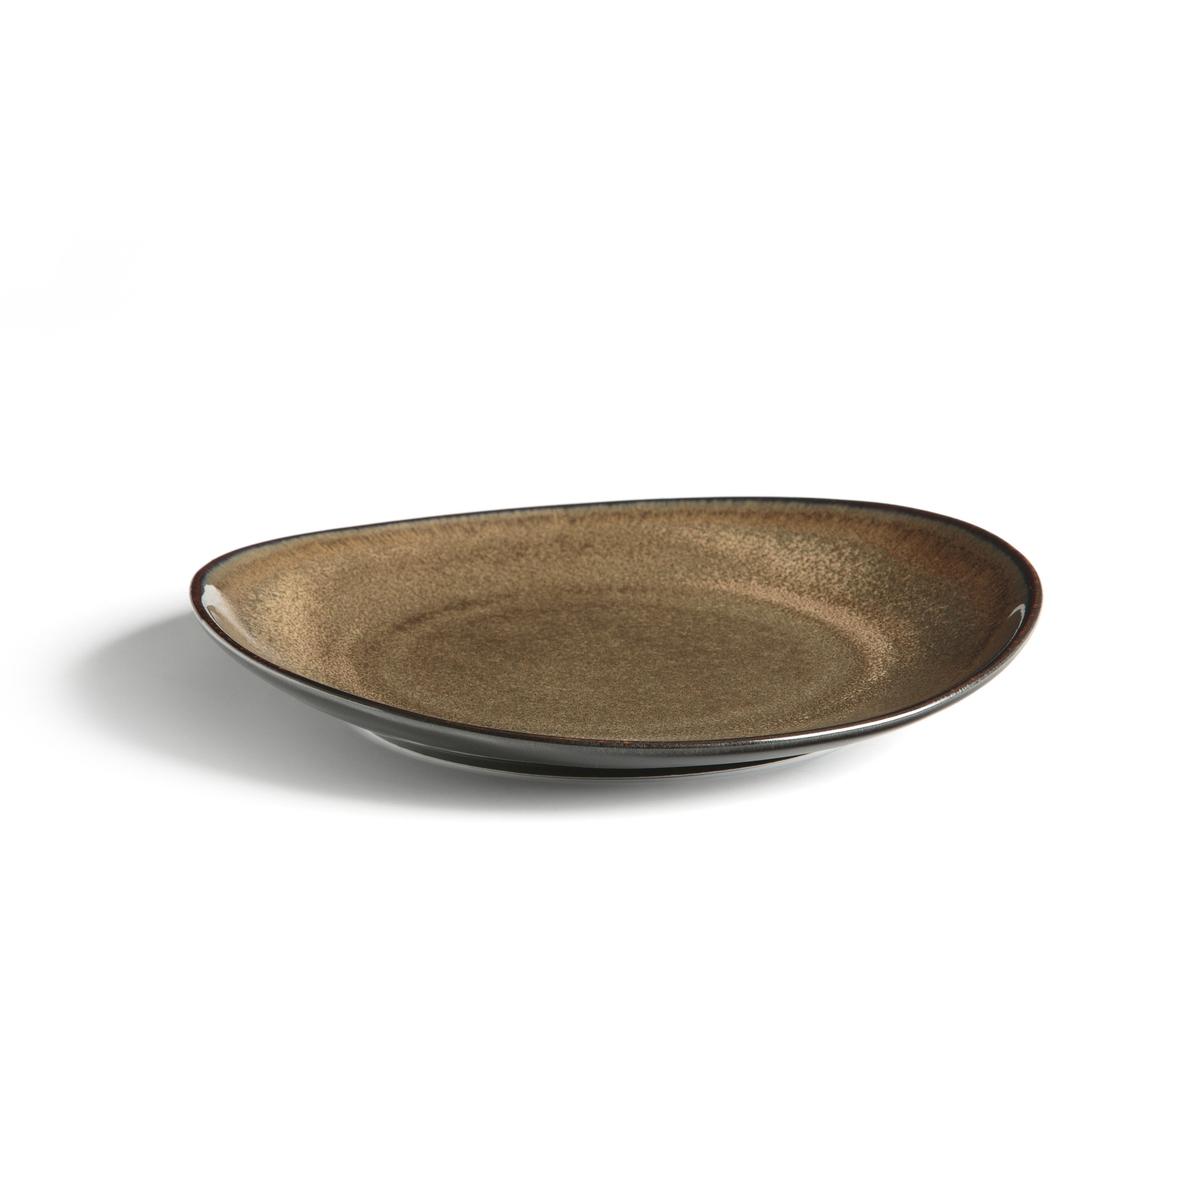 Тарелки La Redoute Десертные из керамики с эмалью Attale единый размер каштановый плоские la redoute тарелки из эмалированной керамики attale единый размер каштановый